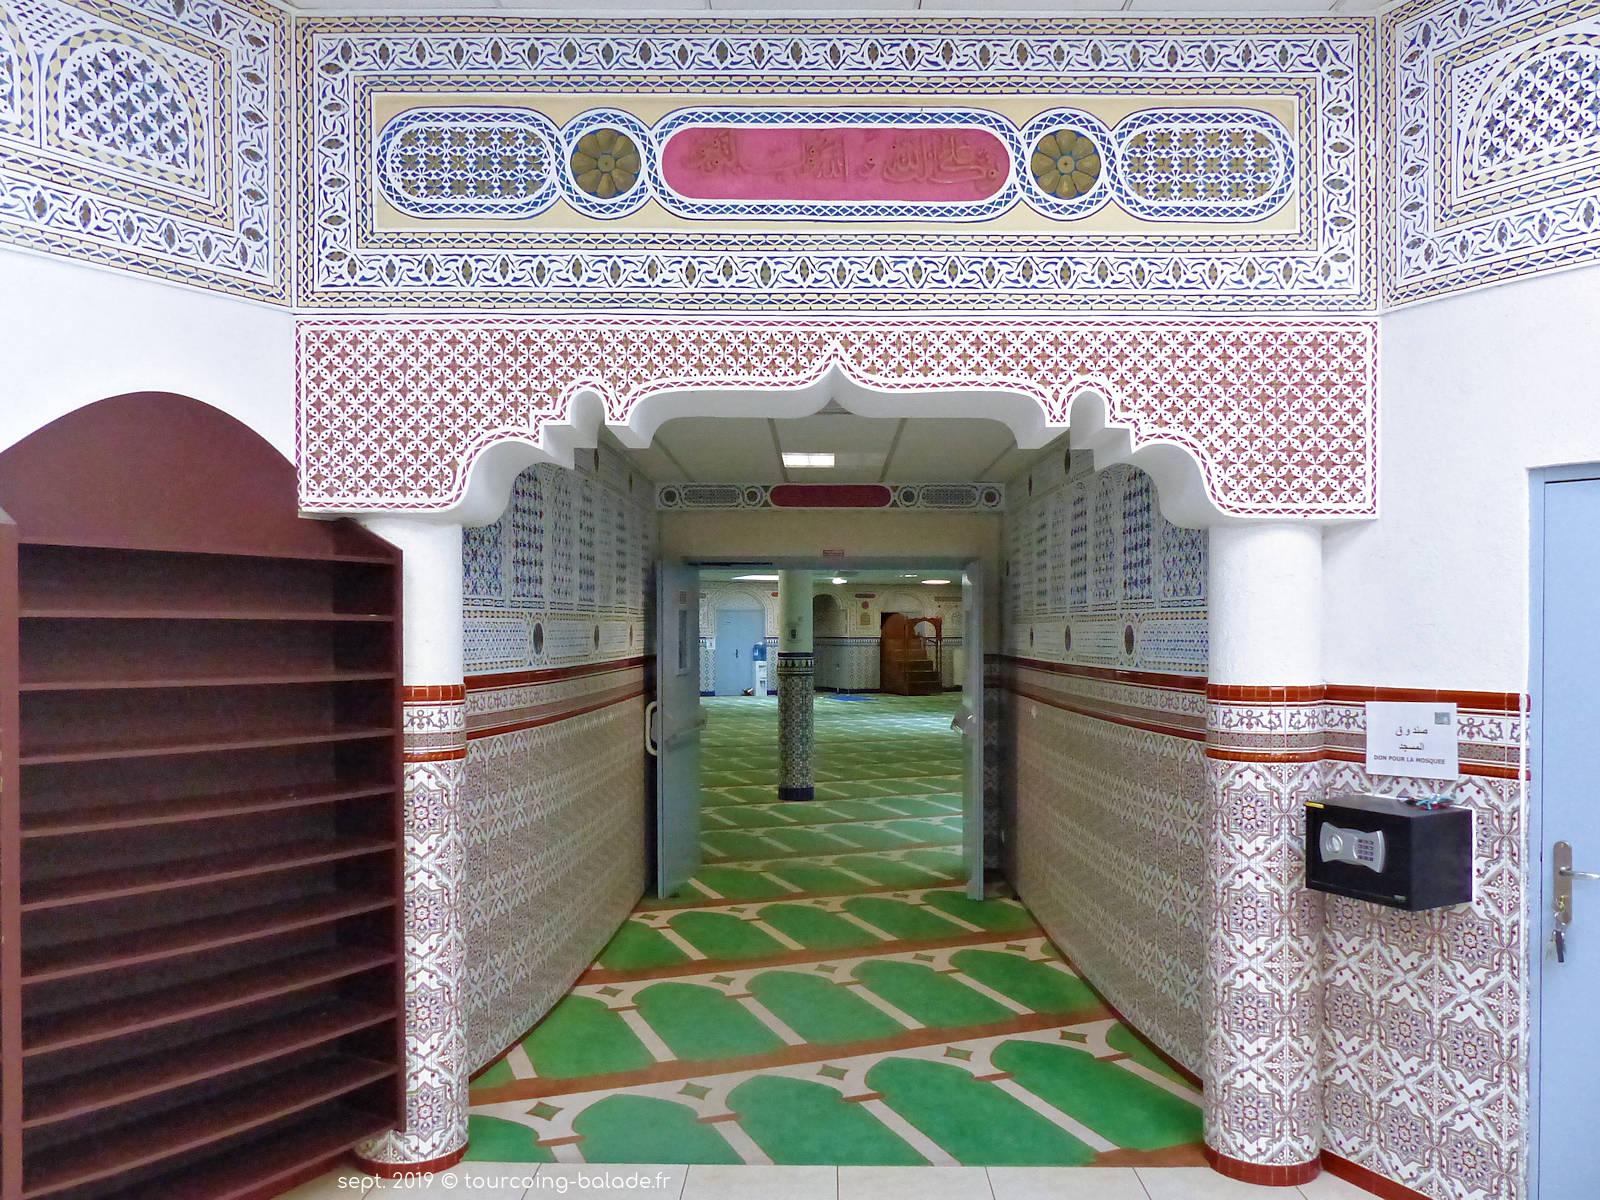 Mosquée Assalam - Entrée de la salle de prière